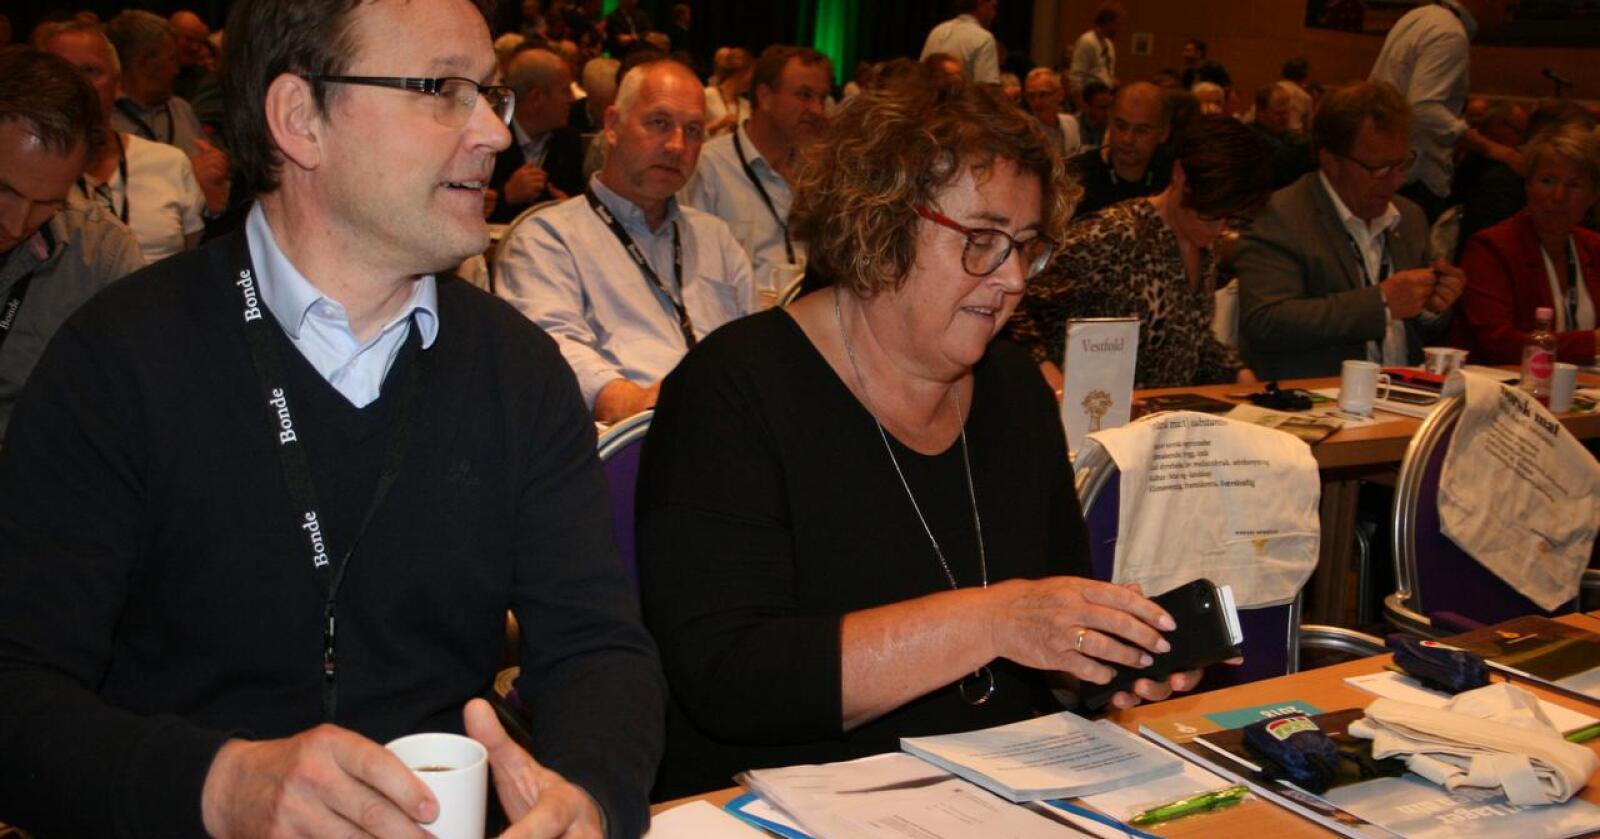 Landbruks- og matminister Olaug Bollestad (KrF) og statssekretær Widar Skogan motsatte seg lenge ekspropriasjonsrettslig erstatning, skriver spaltisten. Foto: Bjarne Bekkeheien Aase